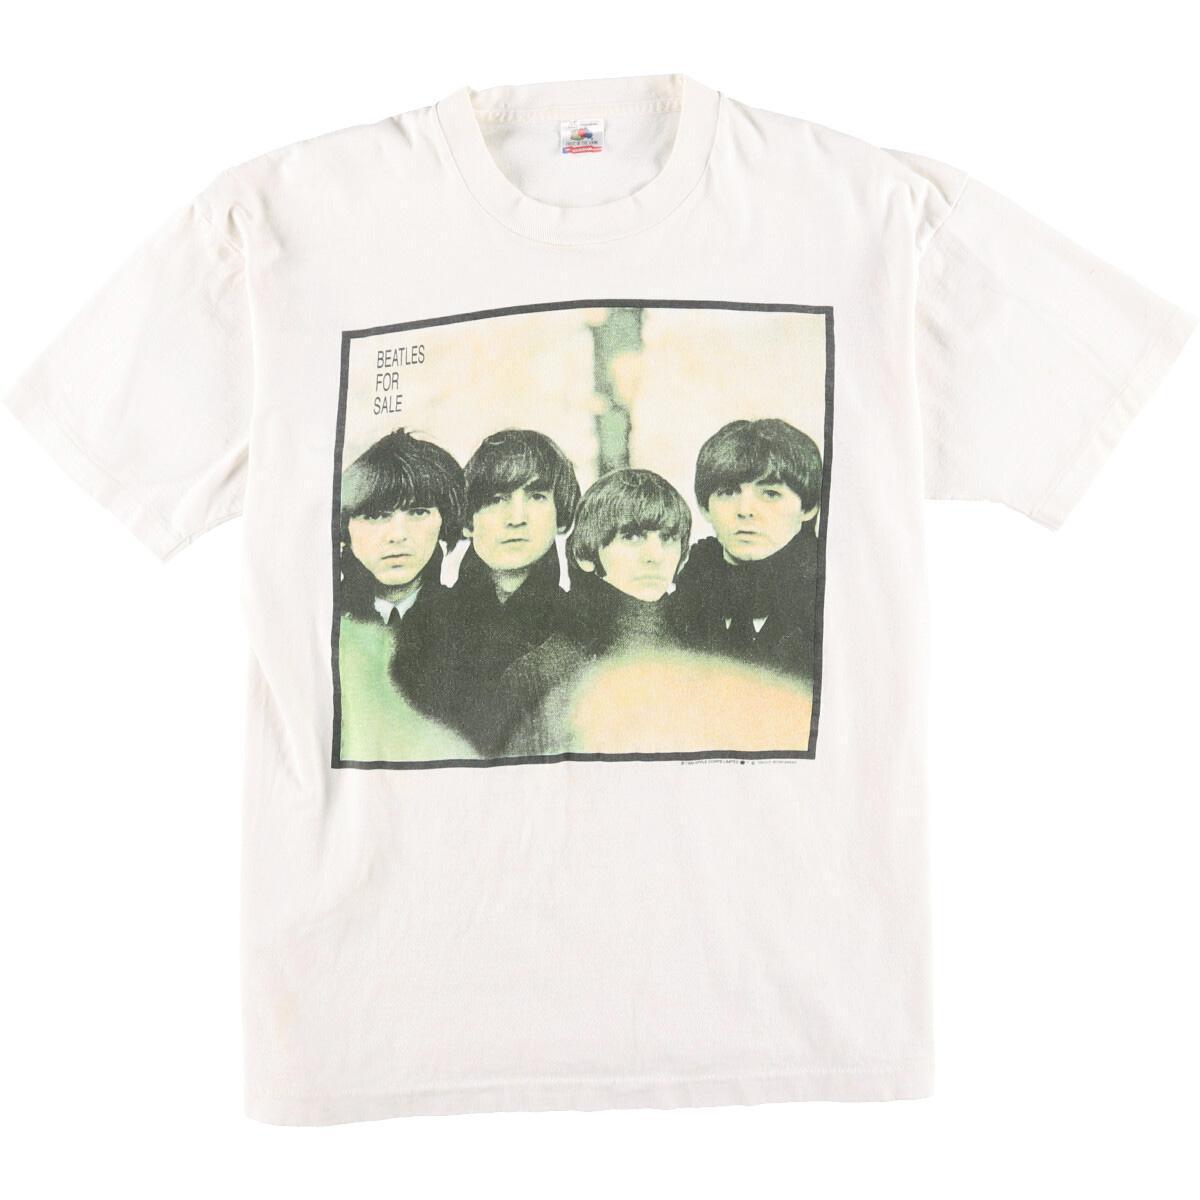 90年代 フルーツオブザルーム FRUIT OF THE LOOM THE BEATLES ビートルズ BEATLES FOR SALE バンドTシャツ USA製 メンズXL ヴィンテージ /eaa062124 【中古】 【200719】